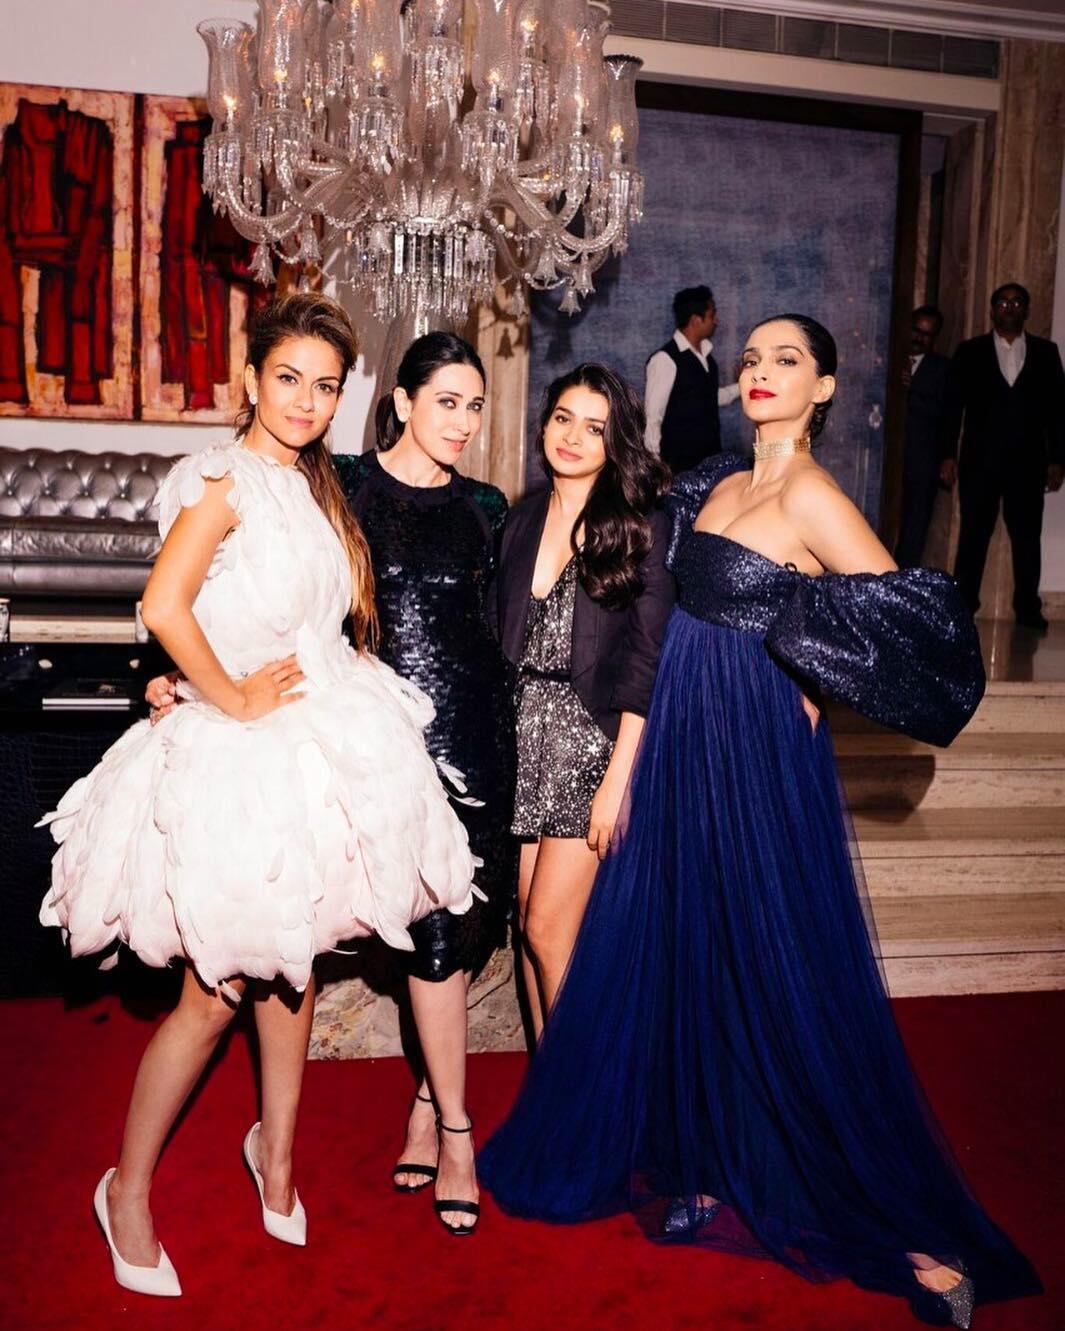 Natasha Poonawalla, Karisma Kapoor, Tanya Ghavri and Sonam Kapoor